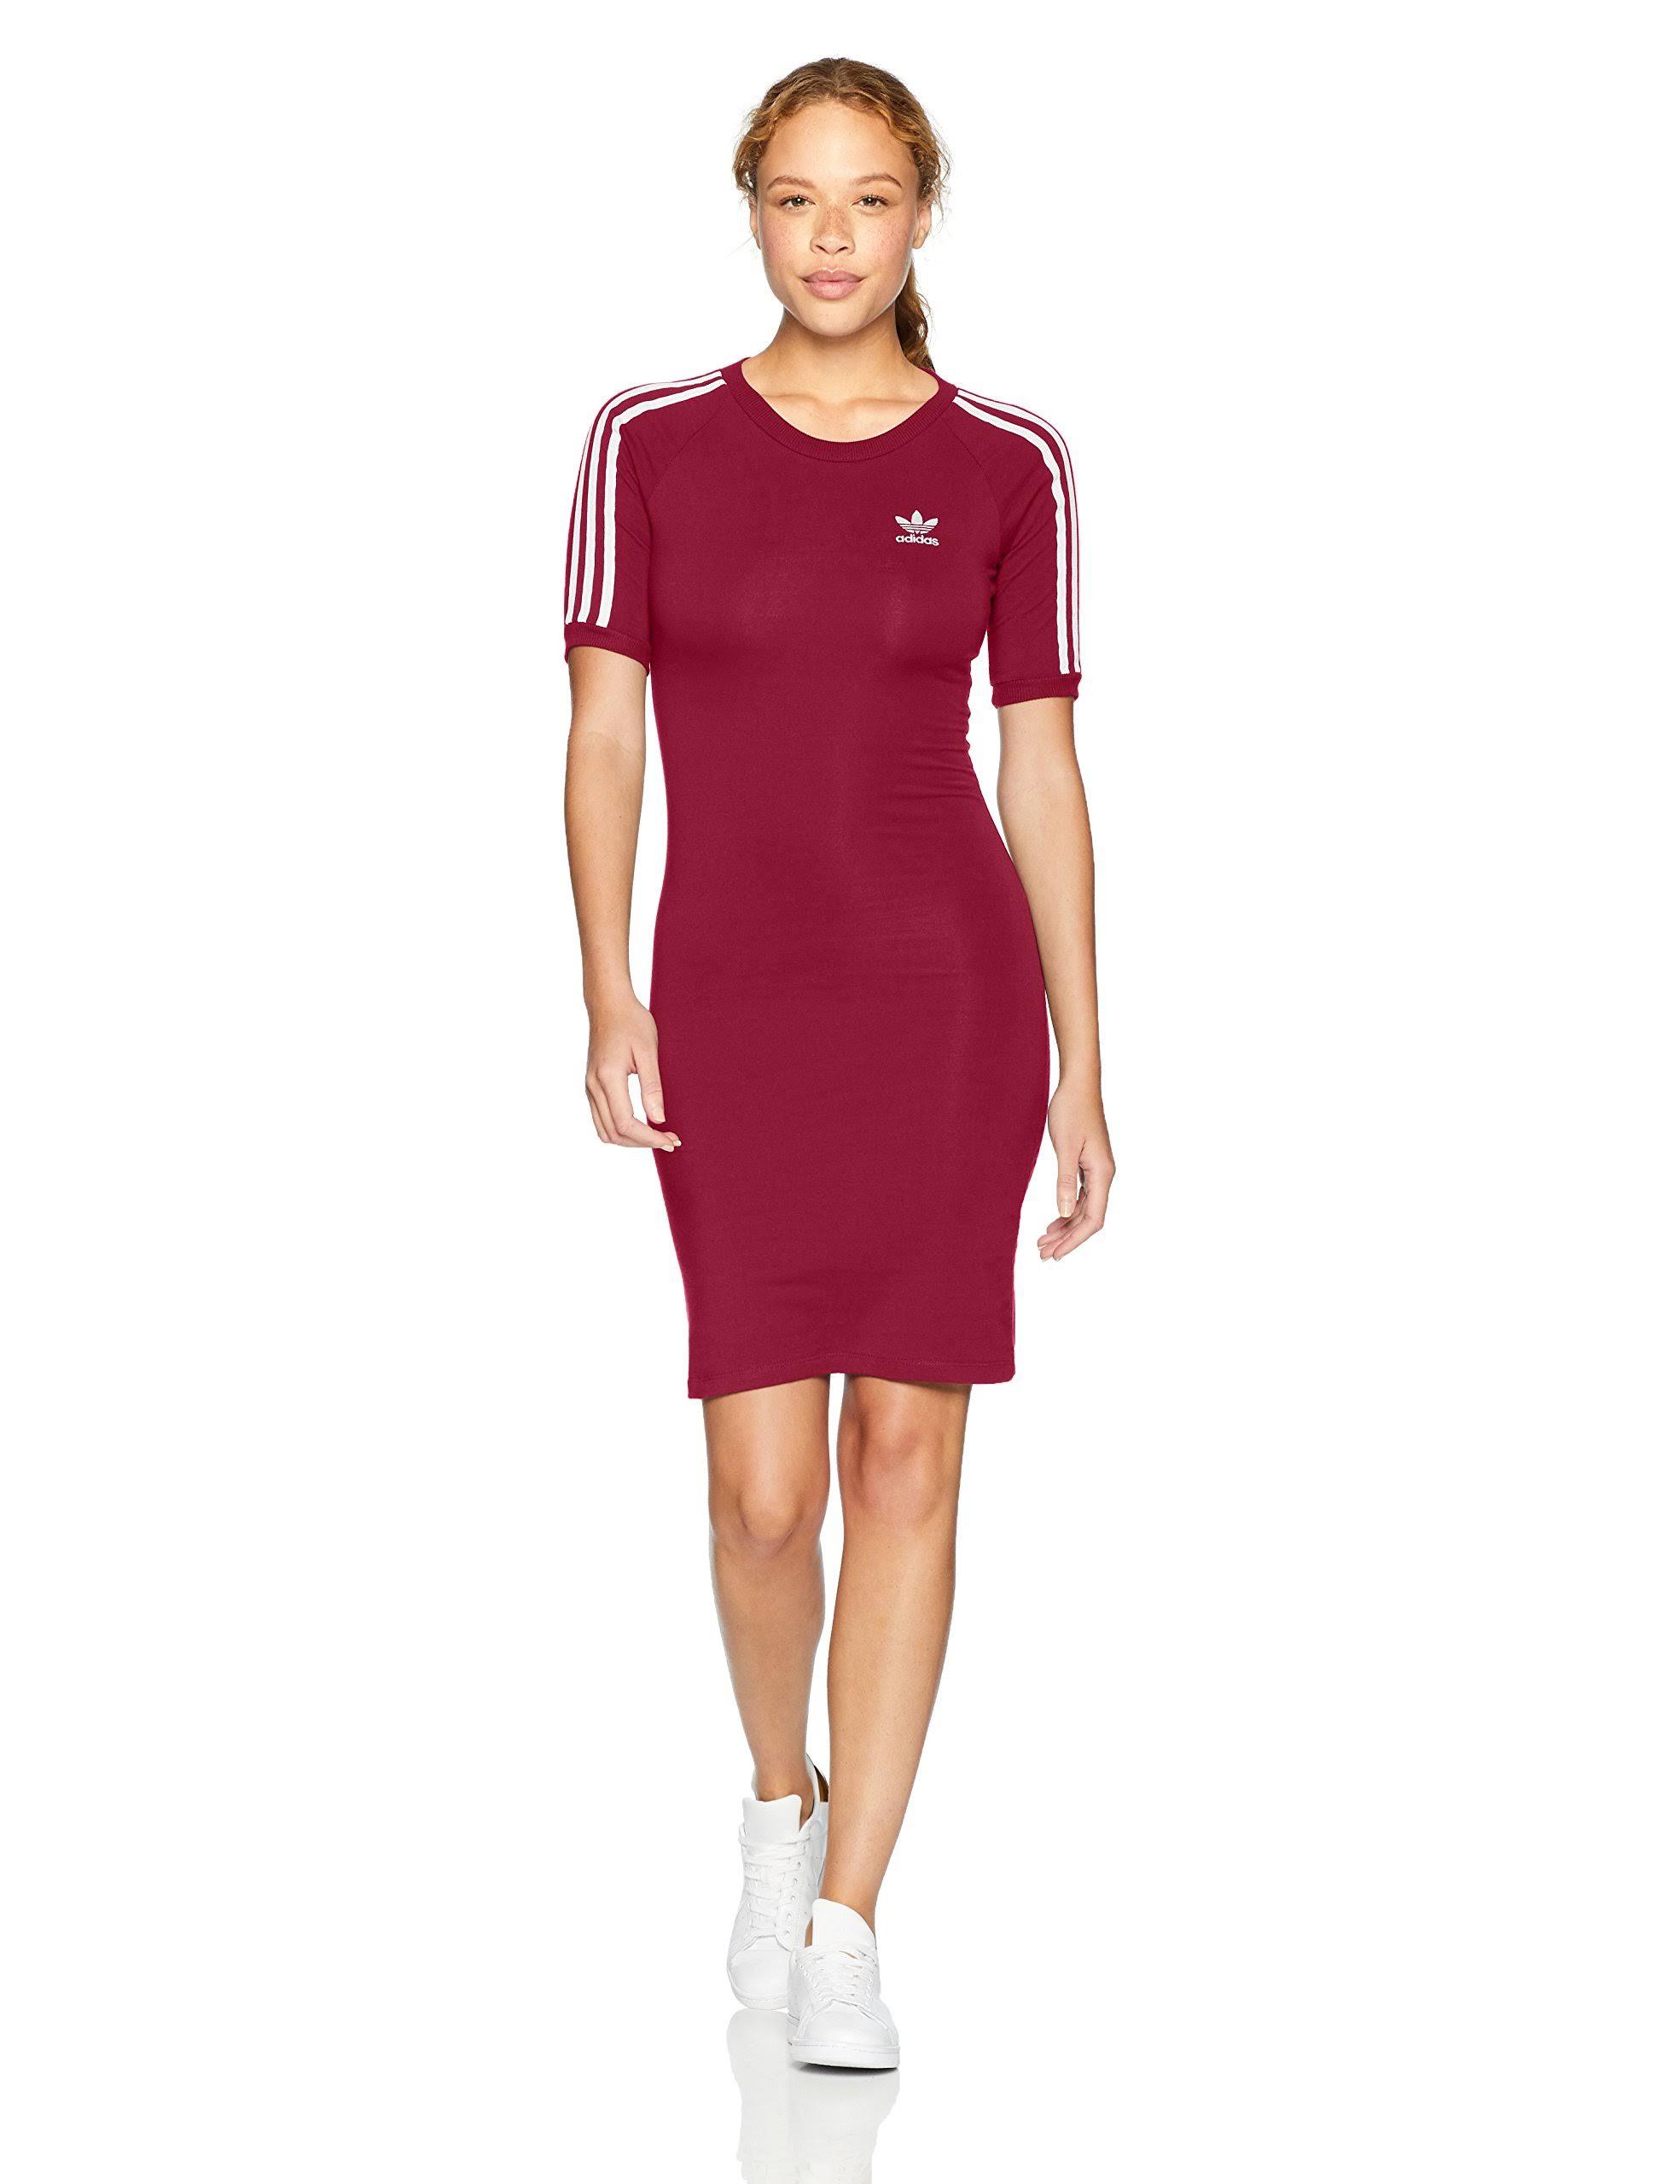 Mujer Vestido Adidas 3 Tamaño Originals L Rayas Misterio Adicolor Ruby De Para 8Zn1xpZ